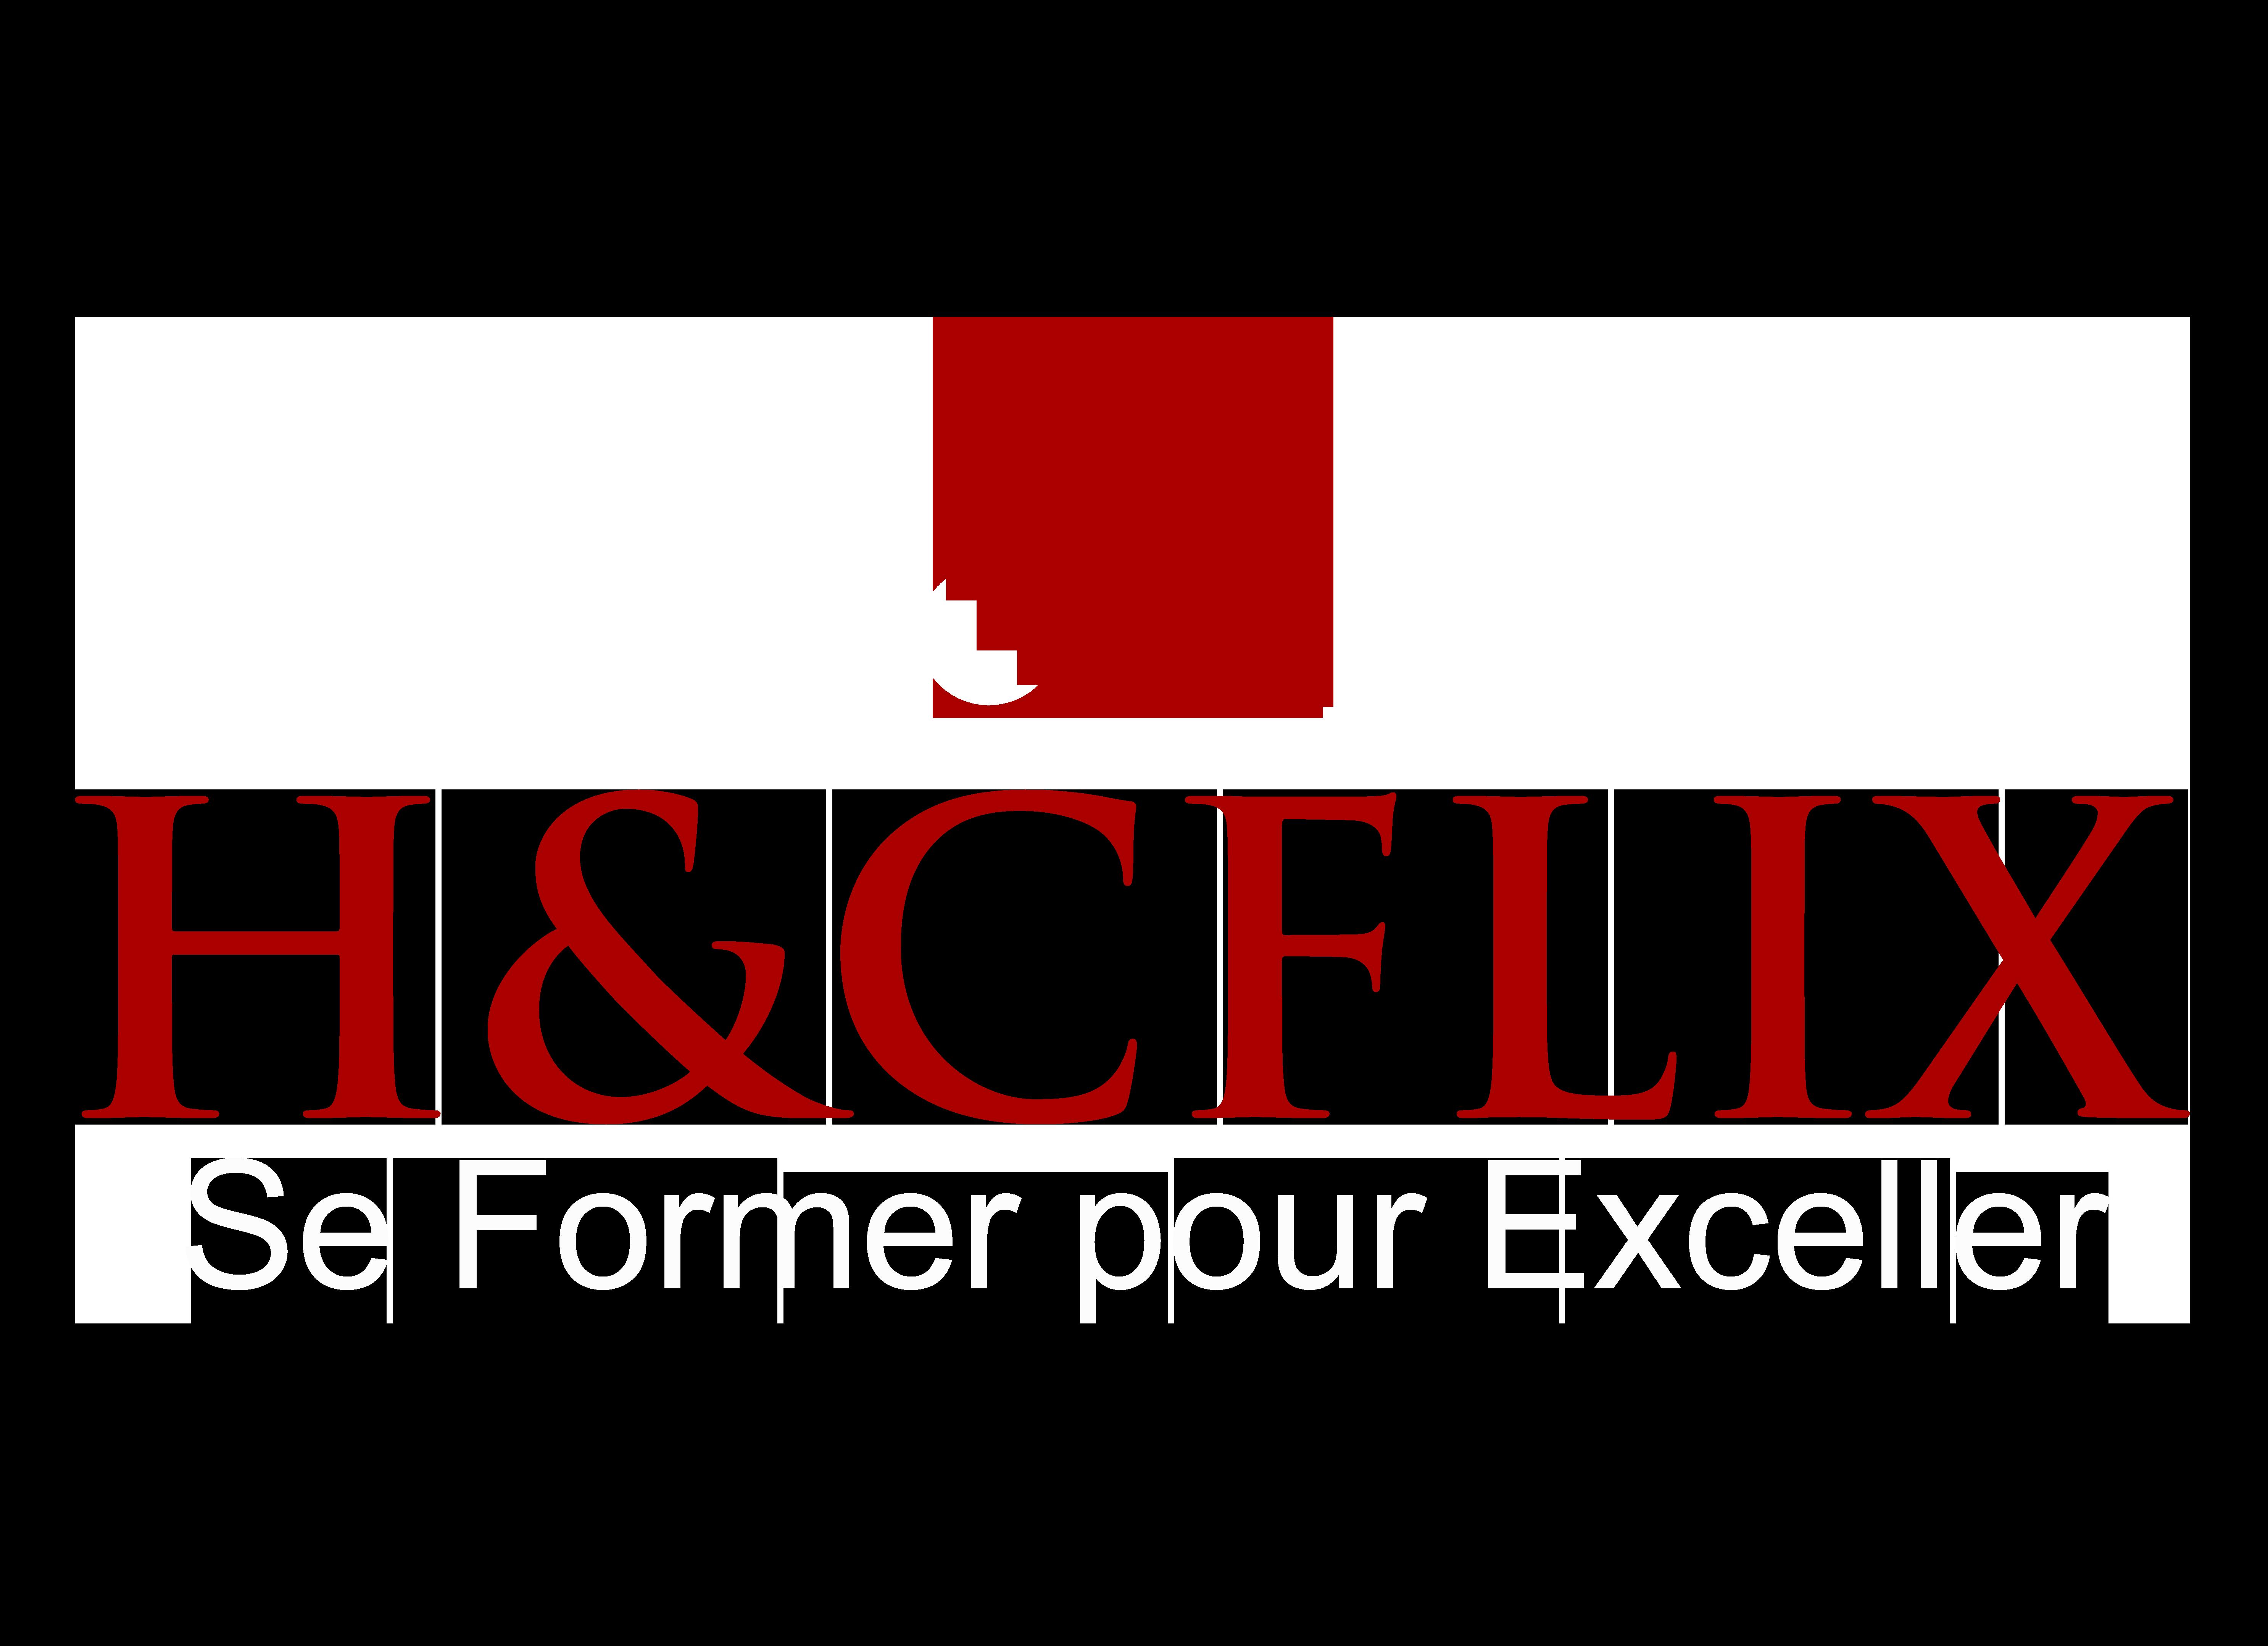 H&C DIGITAL